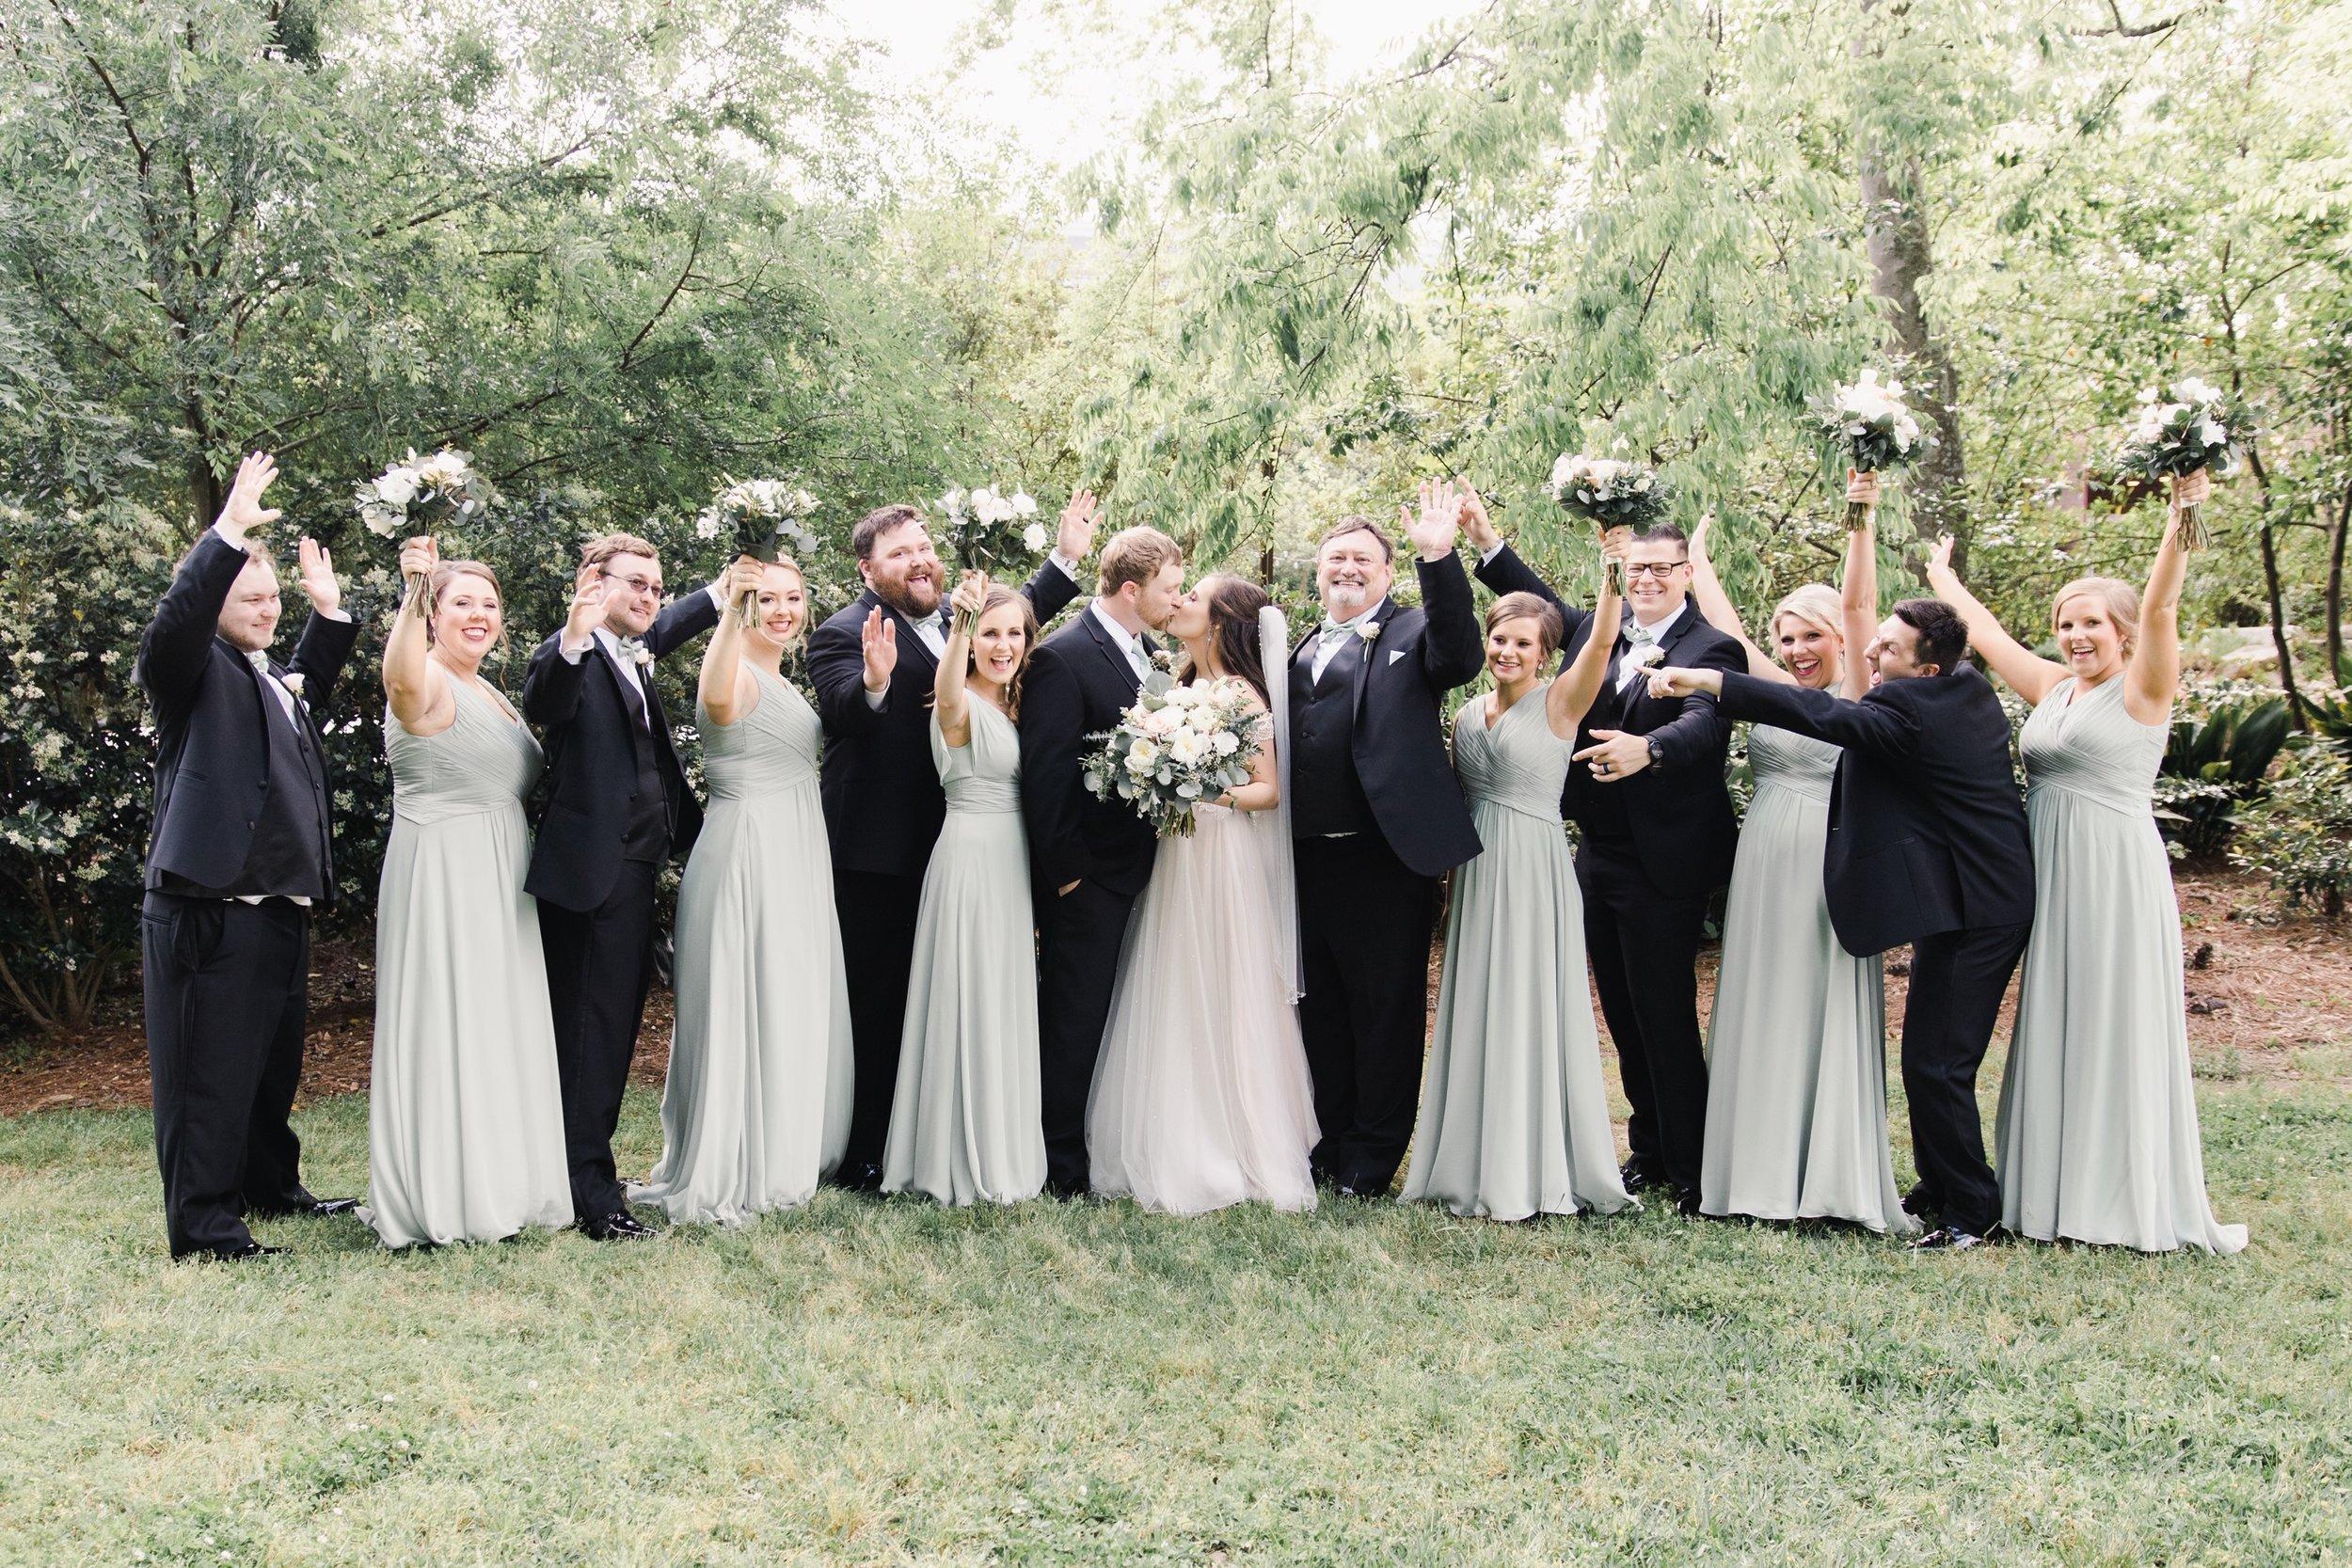 Stewart Wedding 1-28.JPG